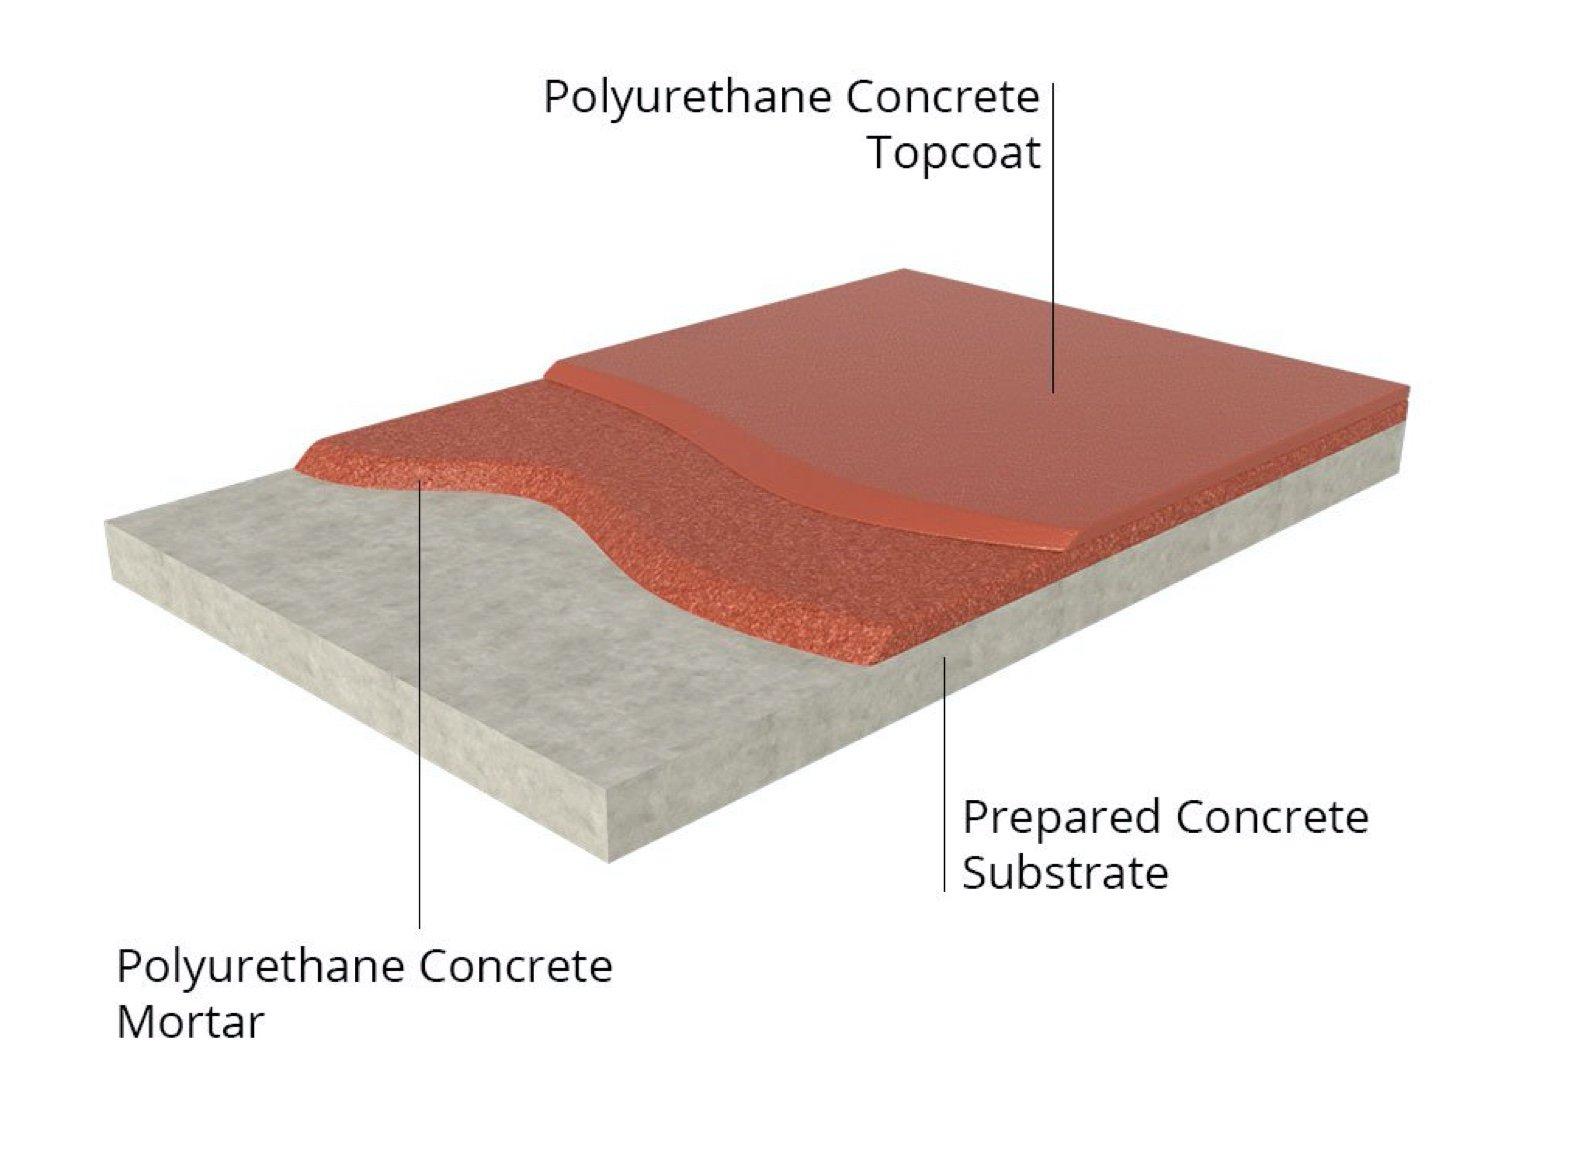 polyurethane concrete topcoat